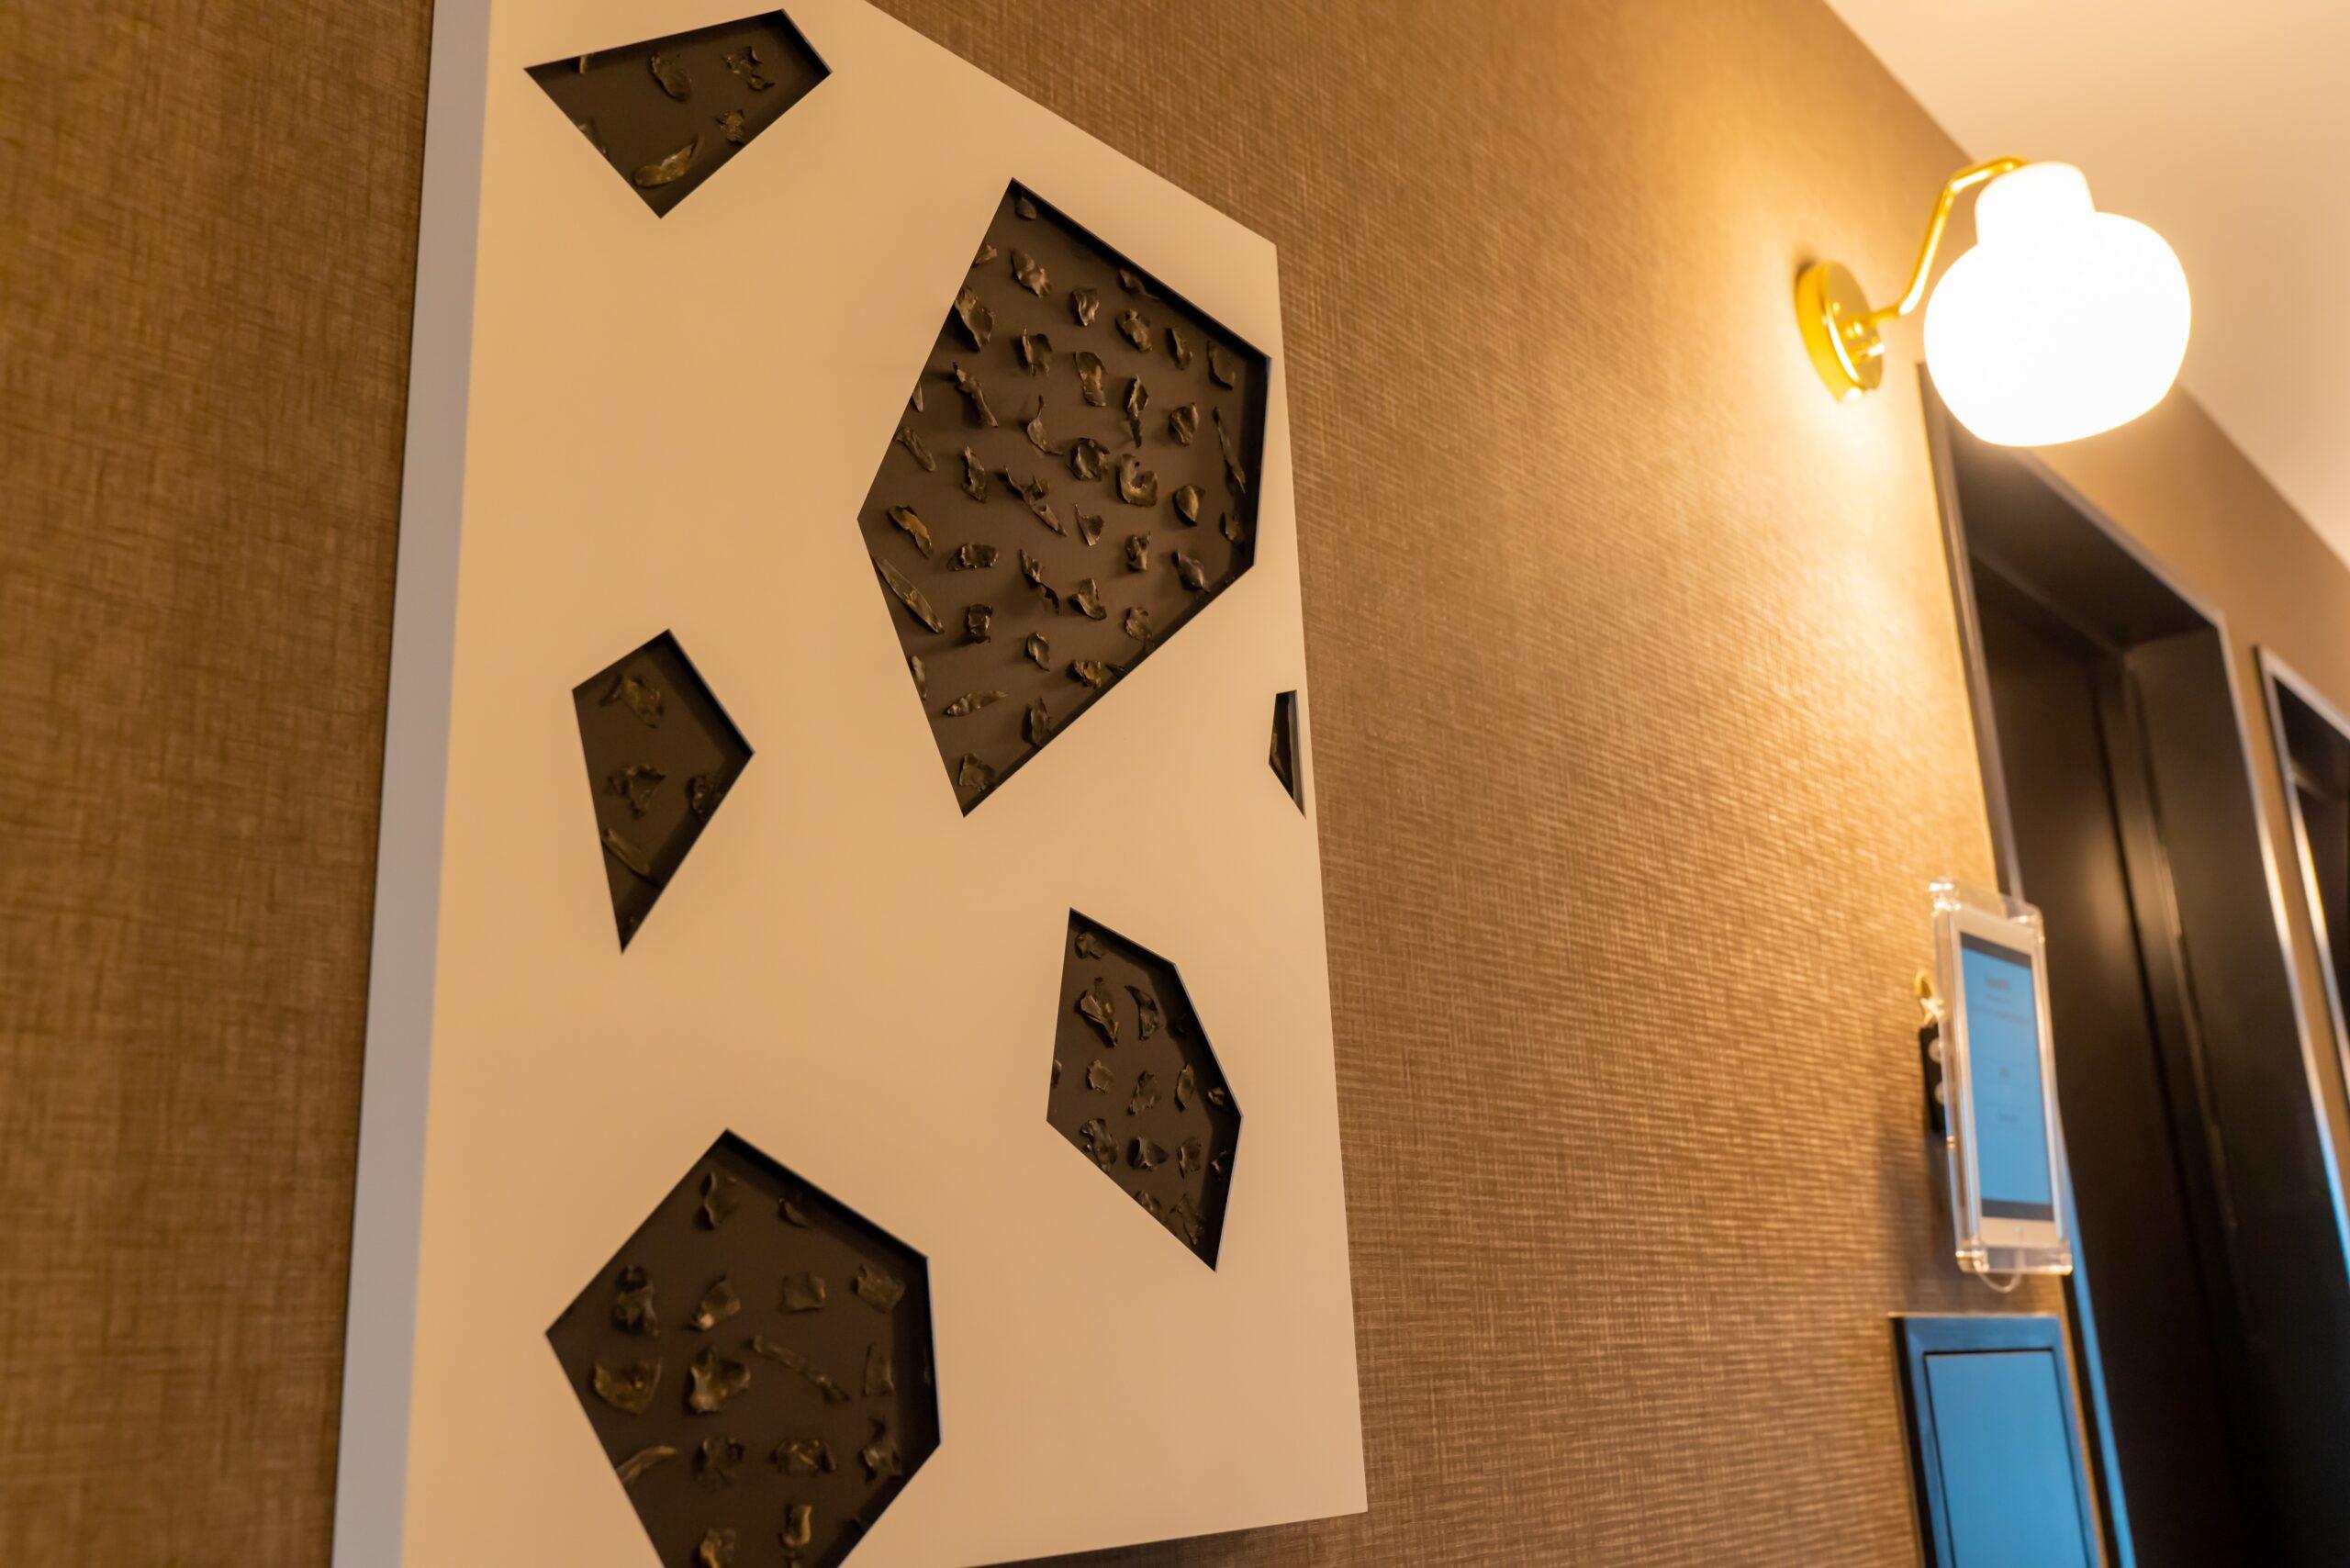 ホテルにいながら町の情報を キャッチできるアートワークを展示